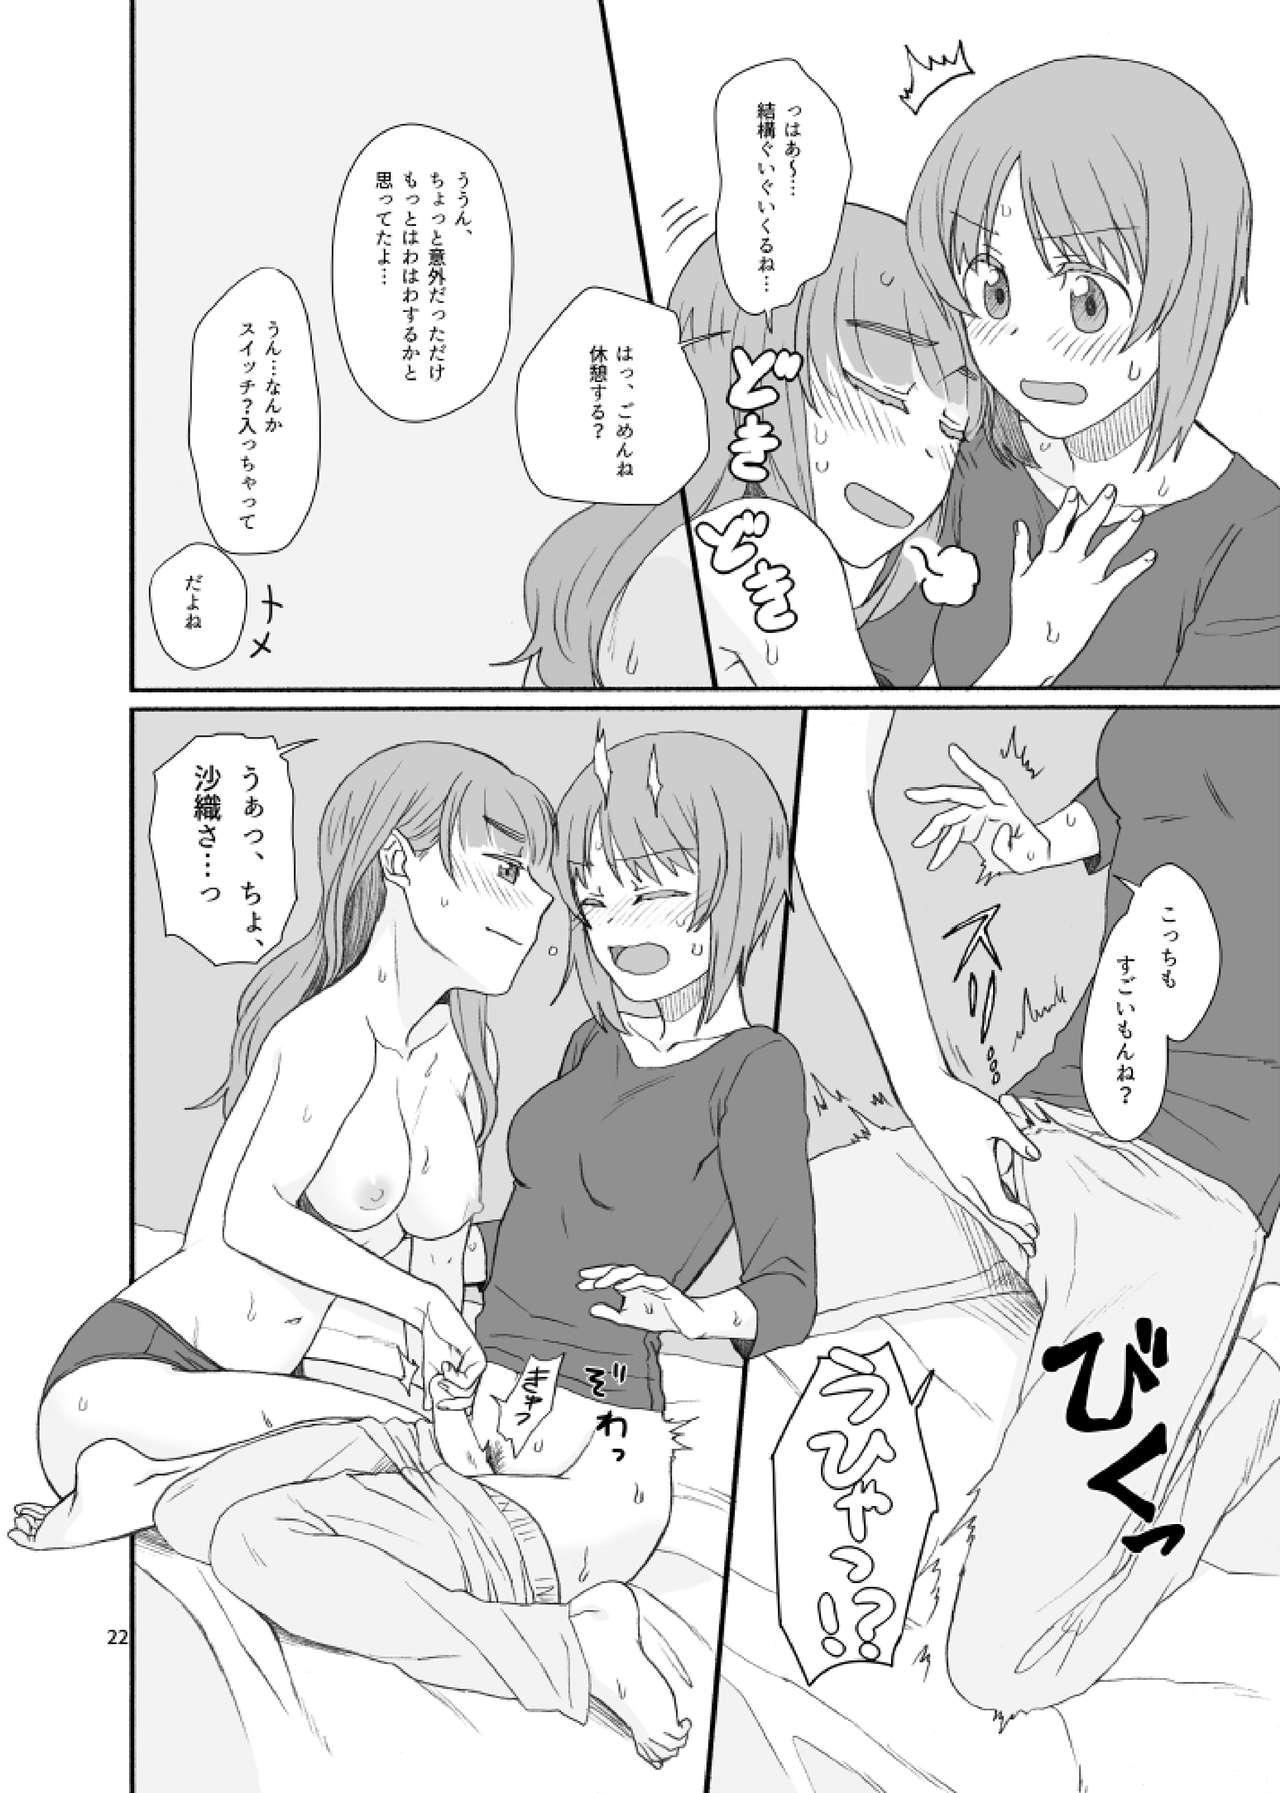 Saori-san, Tsukiatte Kudasai! 20